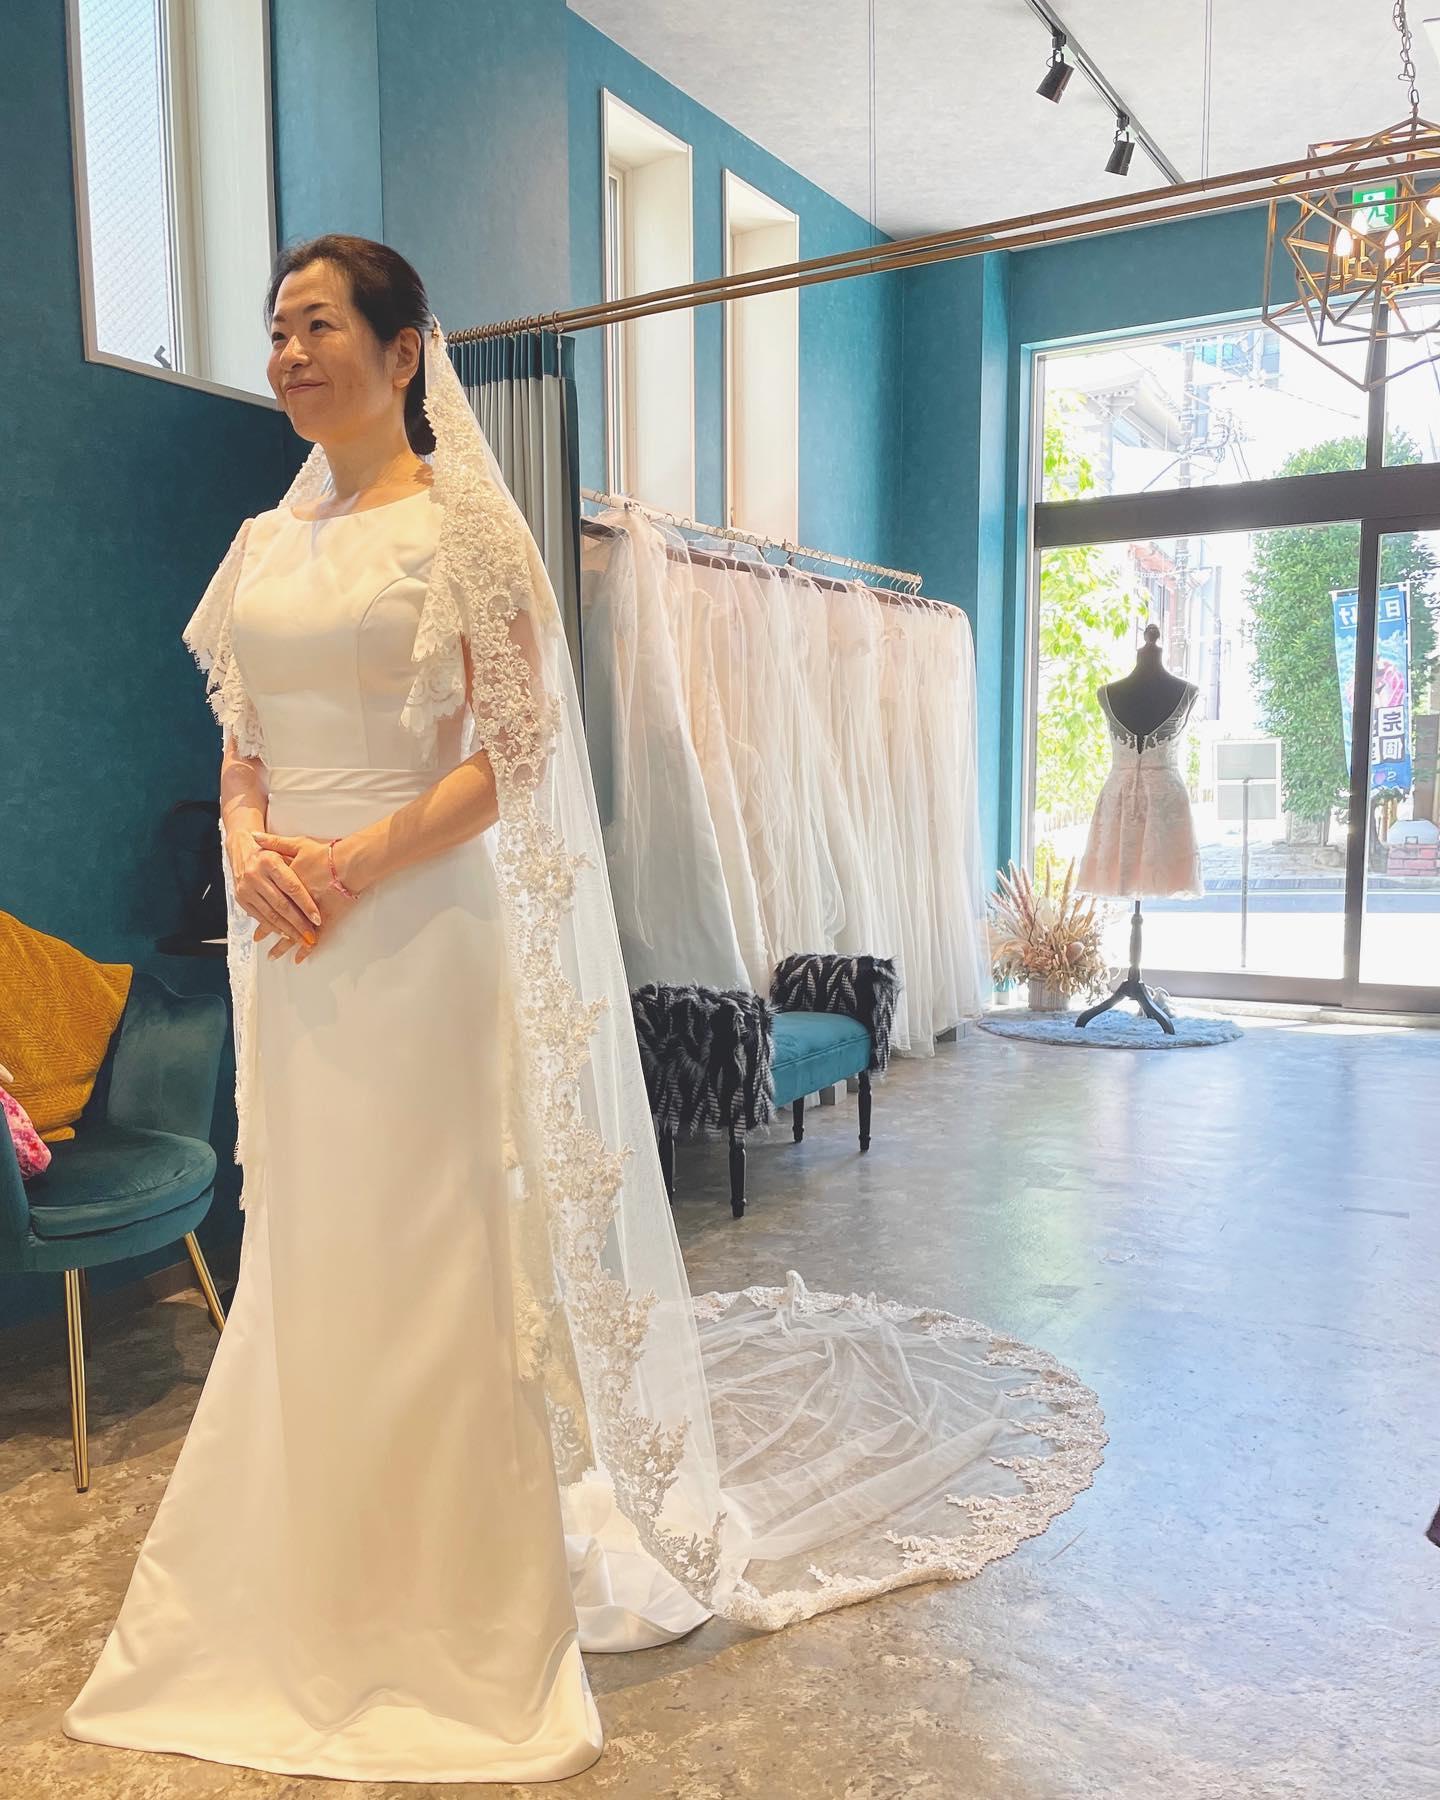 """・先日のご試着のお客様 🕊・レースの使い方がお洒落なサテンドレスサテンというとつい王道なイメージになりがちですが、ソフトスレンダーにデザイン性溢れるレースの施しでスタイリッシュな印象も🤍・デザイン性のあるdressですが、ヴェールをつけるとしっかり花嫁感も♀️・08-3501 ¥160.000・インポートドレスを適正価格でお届けするのがClaras・レンタルでは叶わない繊細で上質な素材も、ジャストサイズだから再現できるデザイン美も・Parisに関連会社があるからこそ直輸入での適正価格が叶う・Clarasは1組ずつ貸切でご案内寛ぎながら本当にその方に合った1着へと導きます自分だけのための1着を選びに来てください🤍結婚式やフォトなど迷ってる方でもまずはClarasへ🕊・長年様々なウエディングに携わってきたClarasスタッフより、細かなカウンセリングを行い的確ななご提案をさせていただきますご予約はDMからでも承れます・New Normal Wedding Salon""""Claras""""https://claras.jp/・about """"Claras""""…(ラテン語で、明るい·輝く)As(明日· 未来, フランス語て最高、一番) ・明るく輝く明日(未来) に貢献したいという想いを込めています🕊Fashionの都Parisをはじめ、欧米から選りすぐりのドレスをこれから出逢う花嫁のために取揃えました・2021.3.7 (Sun)NEW OPEN・Dressから始まるWedding Story""""憧れていた Dress選びから始まる結婚準備があったっていい""""・さまざまな新しい「価値」を創造し発信していきますこれからの新しい Wedding の常識を""""Claras """"から🕊・New Normal Wedding Salon【Claras】〒107-0061 東京都港区北青山2-9-14SISTER Bldg 1F(101) 東京メトロ銀座線 外苑前駅3番出ロより徒歩2分Tel:03 6910 5163HP: https://claras.jp営業時間:平日 12:00-18:00 土日祝11:00-18:00(定休日:月・火)・#wedding #weddingdress #instagood #instalike #claras #ウェディングドレス #プレ花嫁 #ドレス試着 #ドレス迷子#2021夏婚 #2021冬婚 #ヘアメイク #結婚式  #ドレス選び #前撮り #インポートドレス #フォトウェディング #ウェディングヘア  #フォト婚 #ニューノーマル #ブライダルフォト #カップルフォト #ウェディングドレス探し #ウェディングドレス試着 #セルドレス #ドレスショップ #バウリニューアル #運命のドレス #小顔効果 #スタイルアップ"""